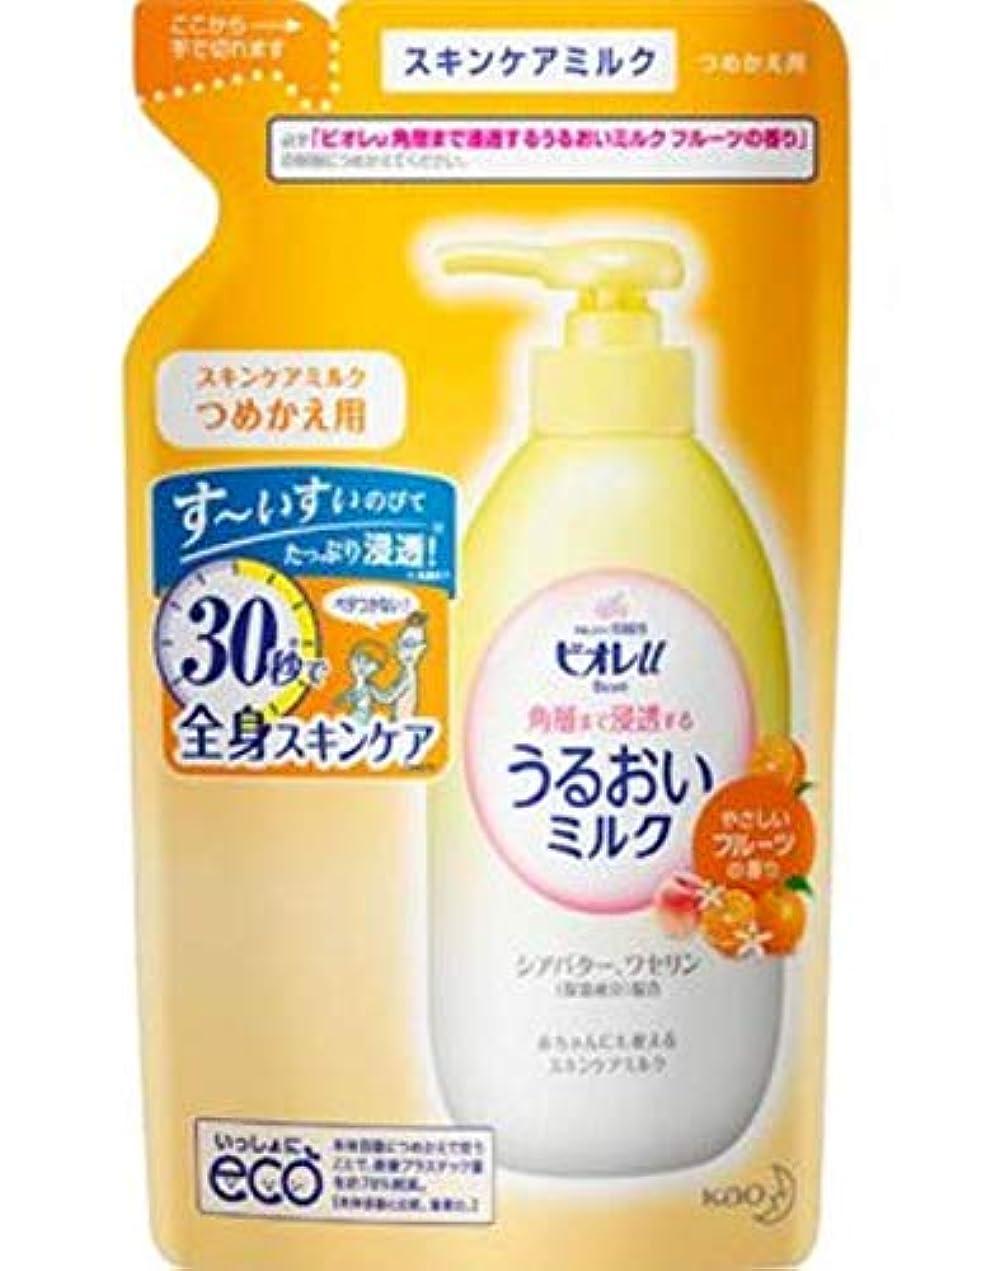 糞カンガルーインサートビオレu 角層まで浸透 うるおいミルク フルーツ 250ml 詰替